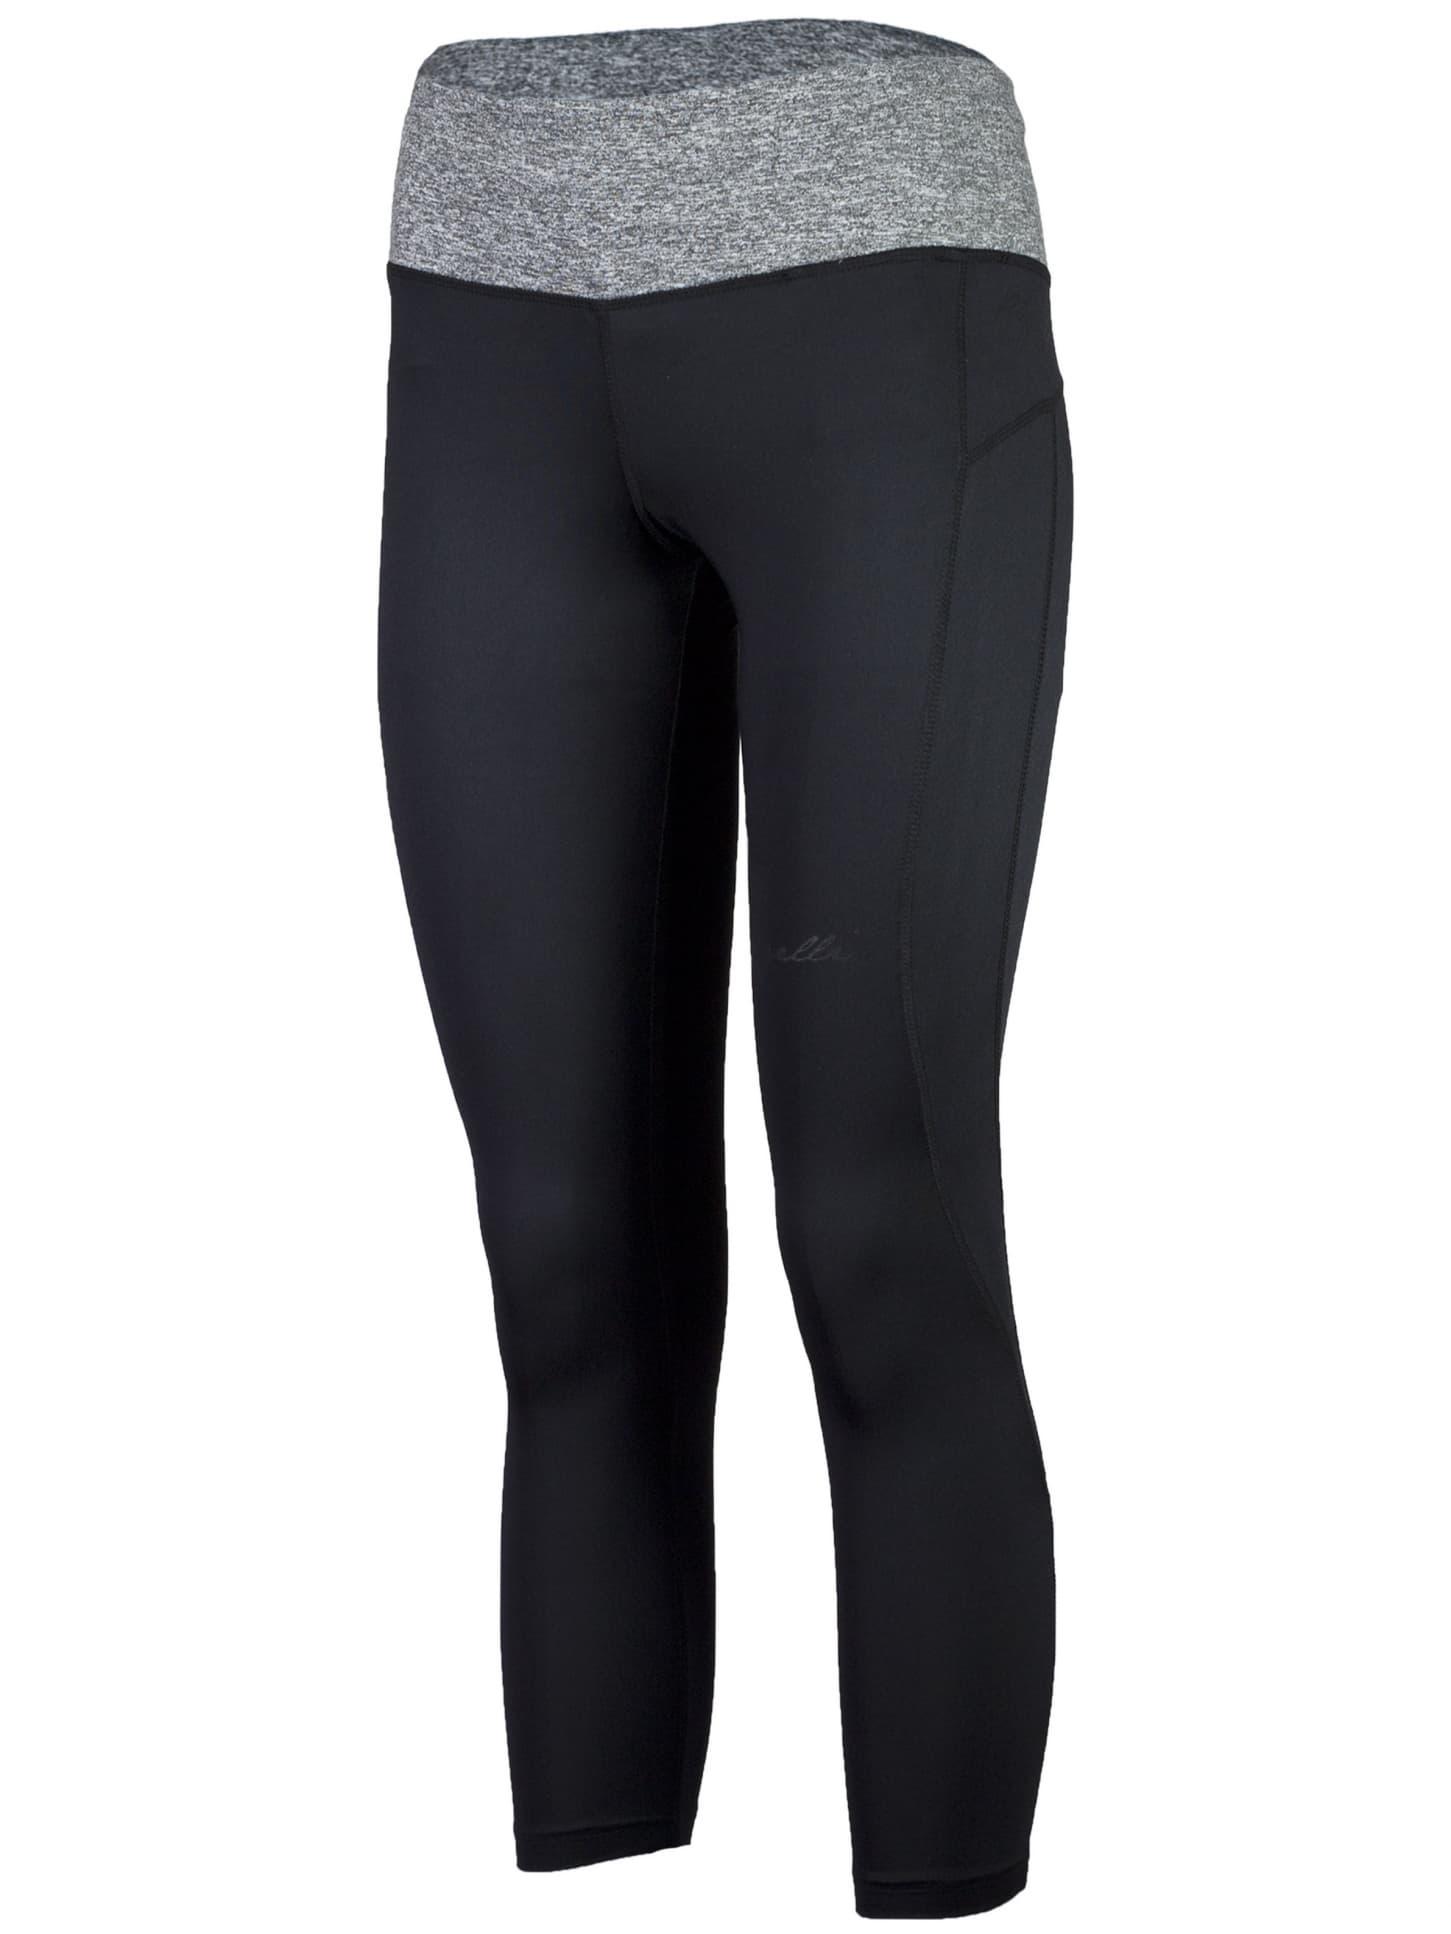 1a60f5a2b263 Dámske fitness nohavice 7 8 dĺžky Rogelli ROSIA